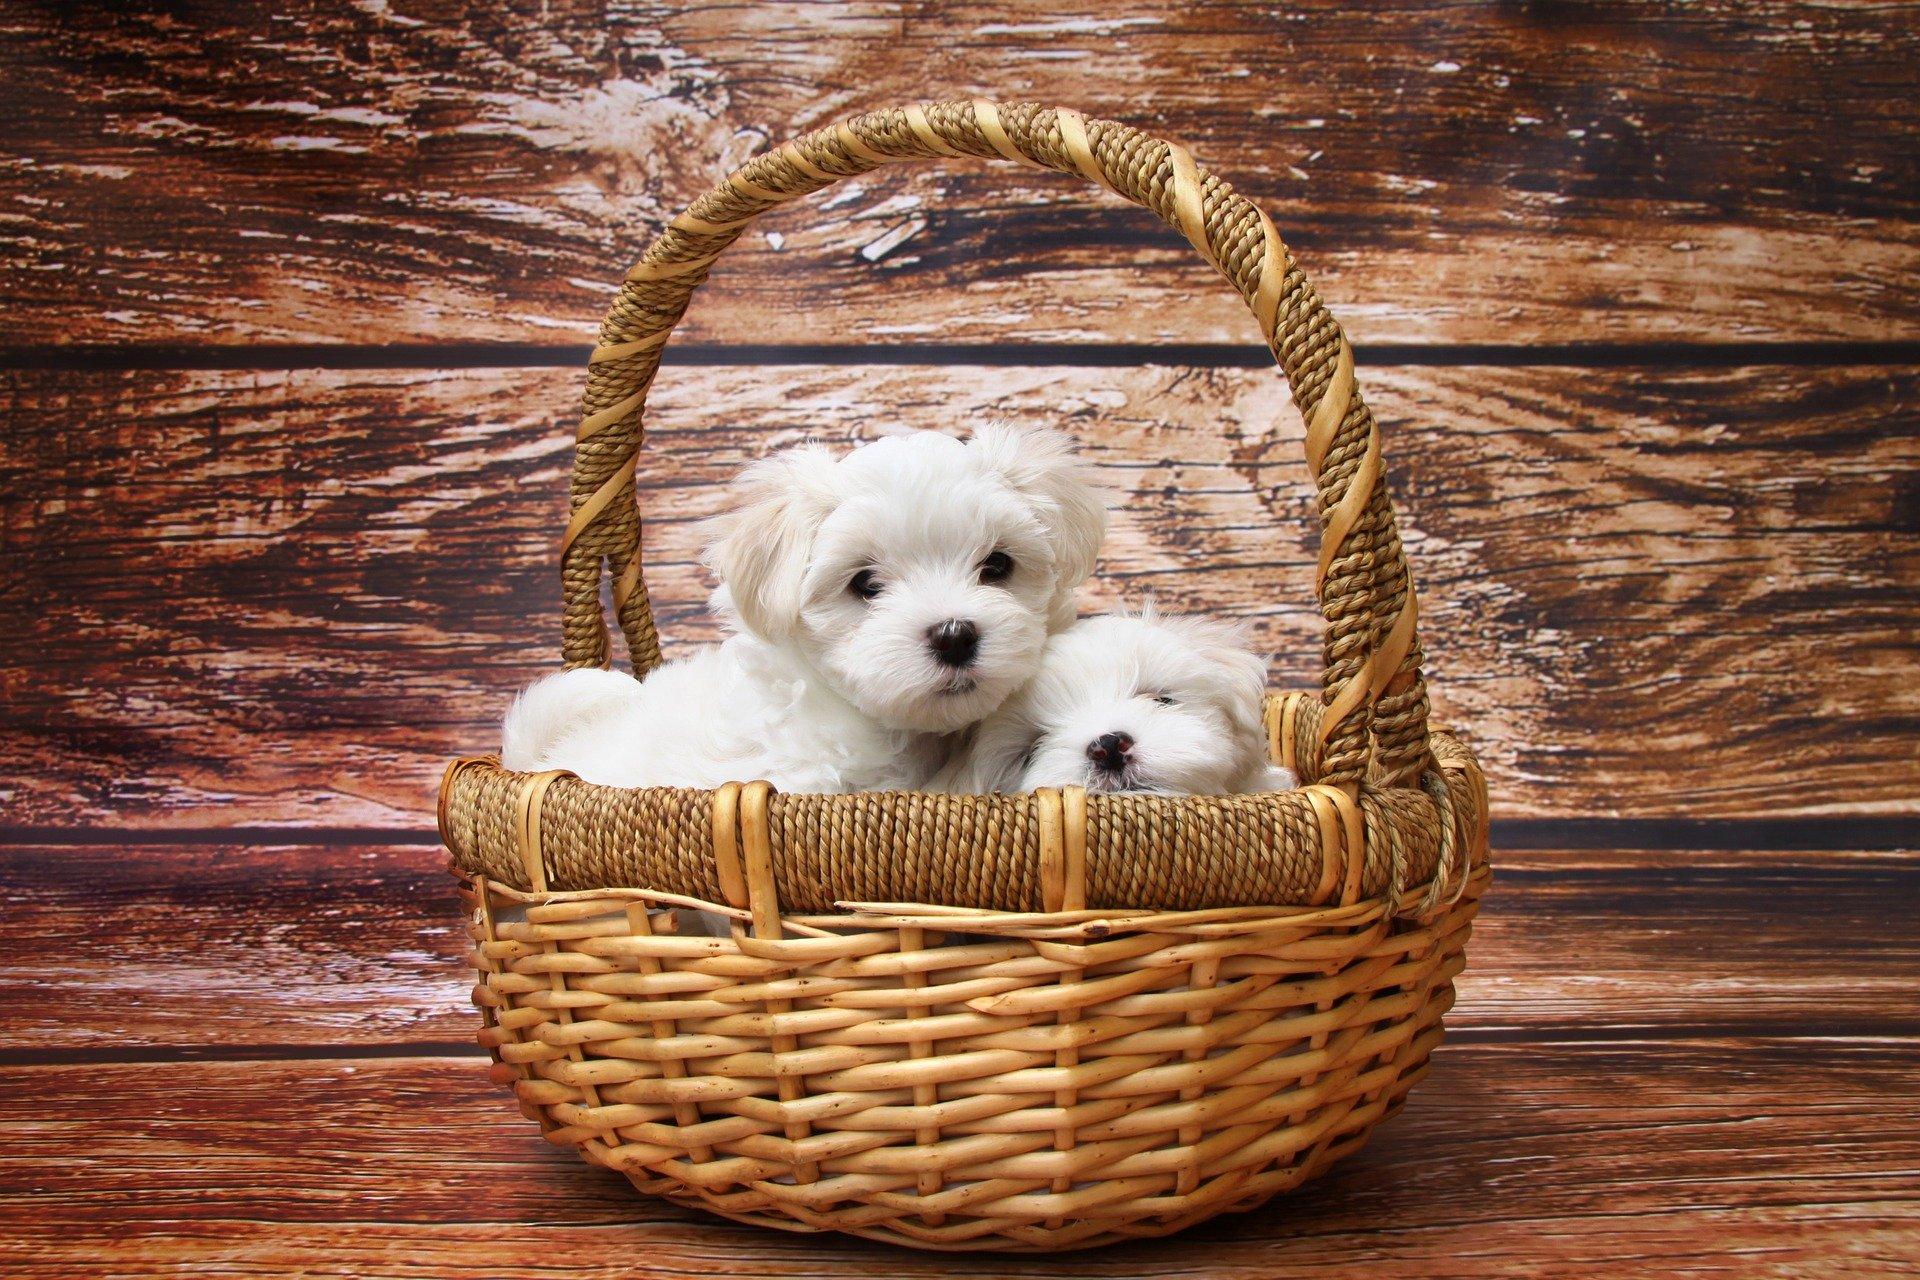 Sognare cuccioli di cane cosa vuol dire?